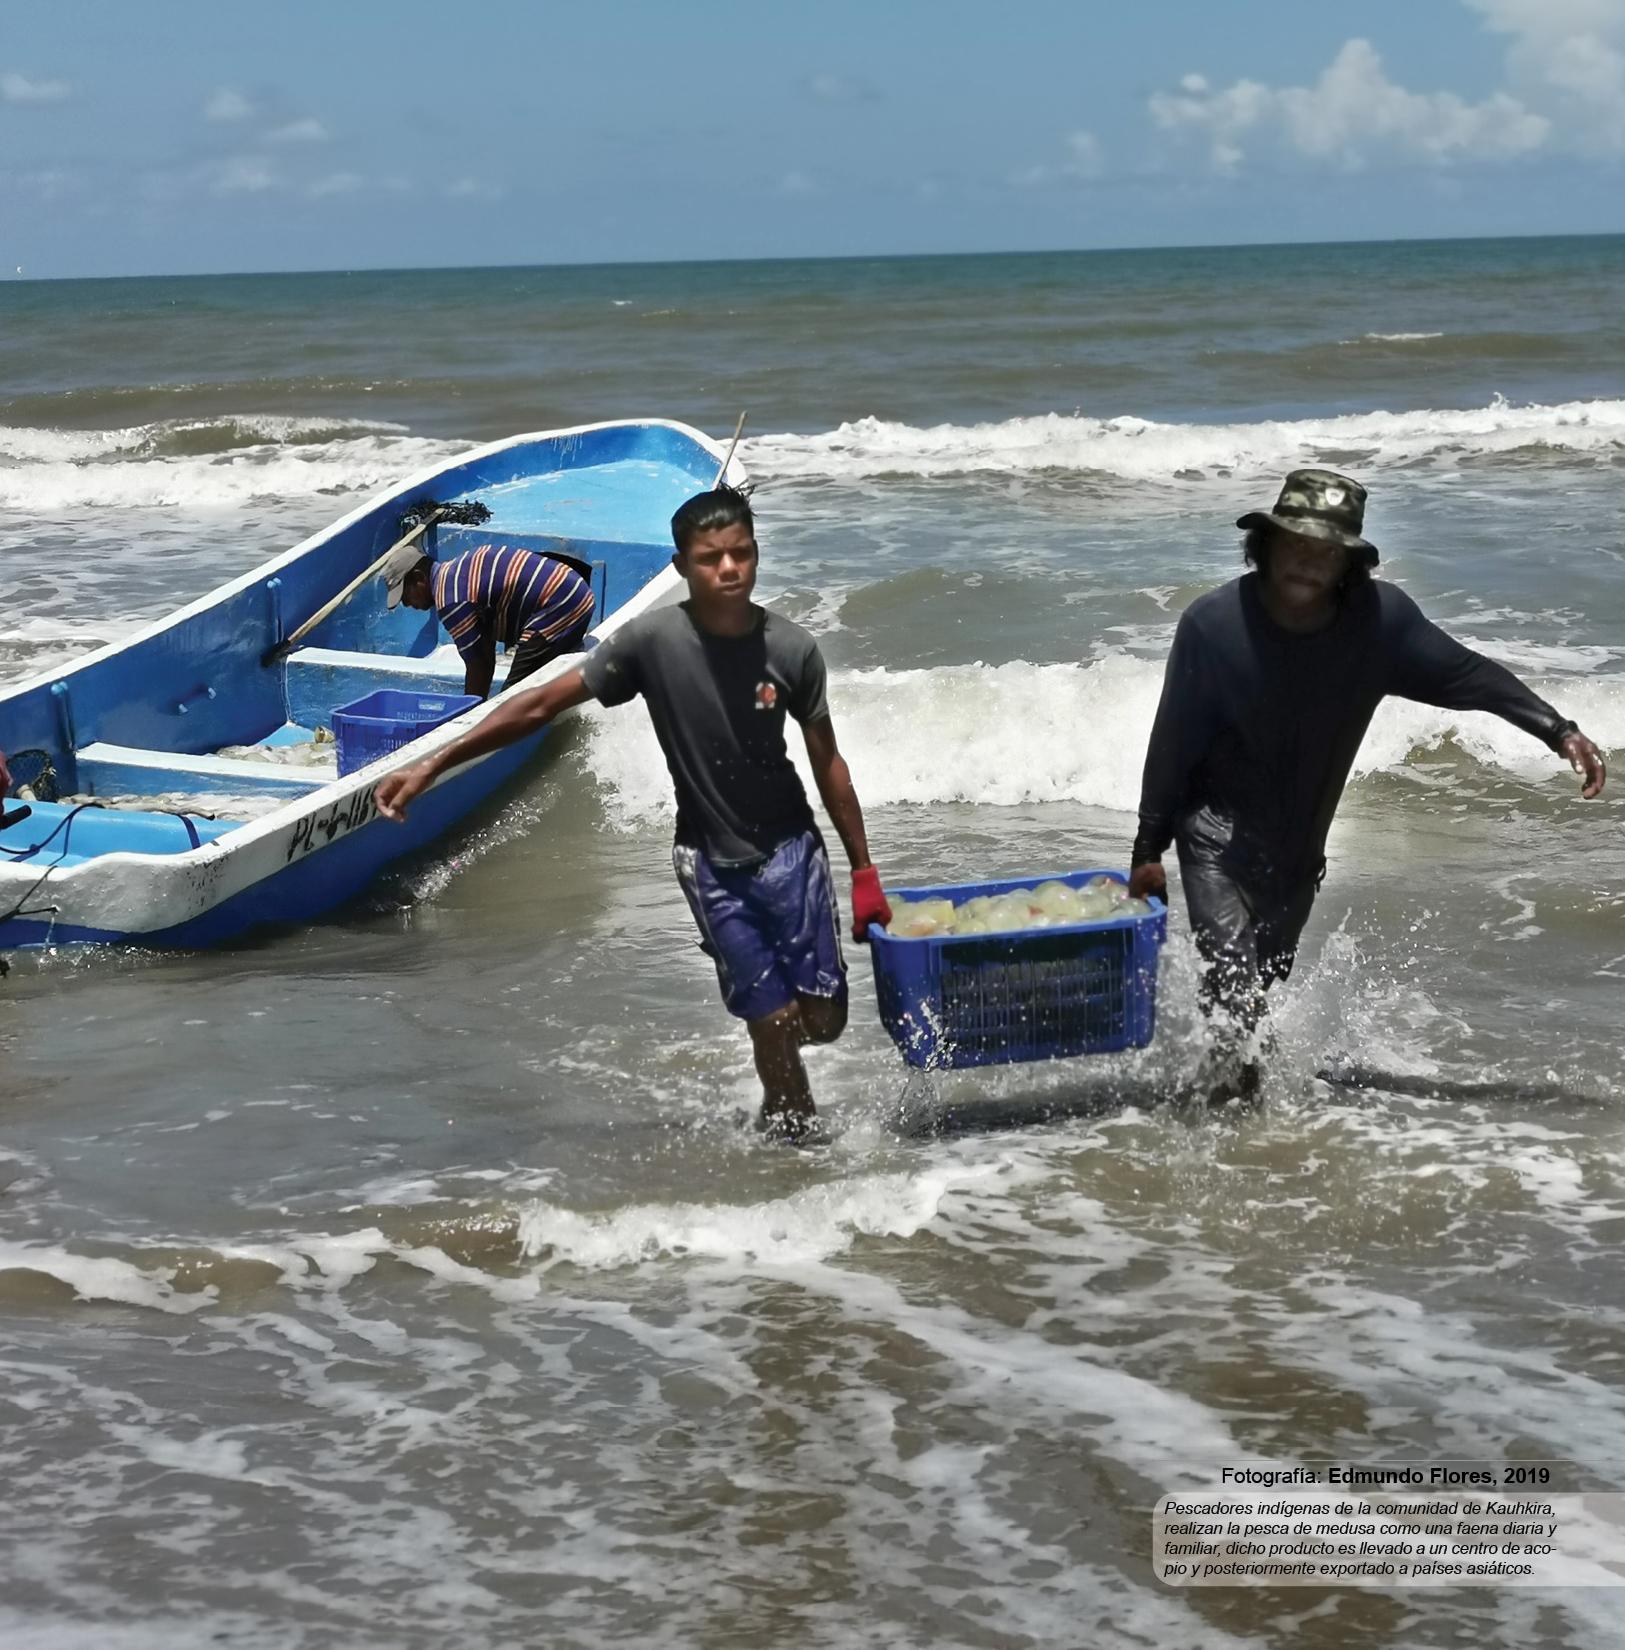 Pescadores indígenas de la comunidad de Kauhkira, realizan la pesca de medusa como una faena diaria y familiar, dicho producto es llevado a un centro de acopio y posteriormente exportado a países asiáticos.